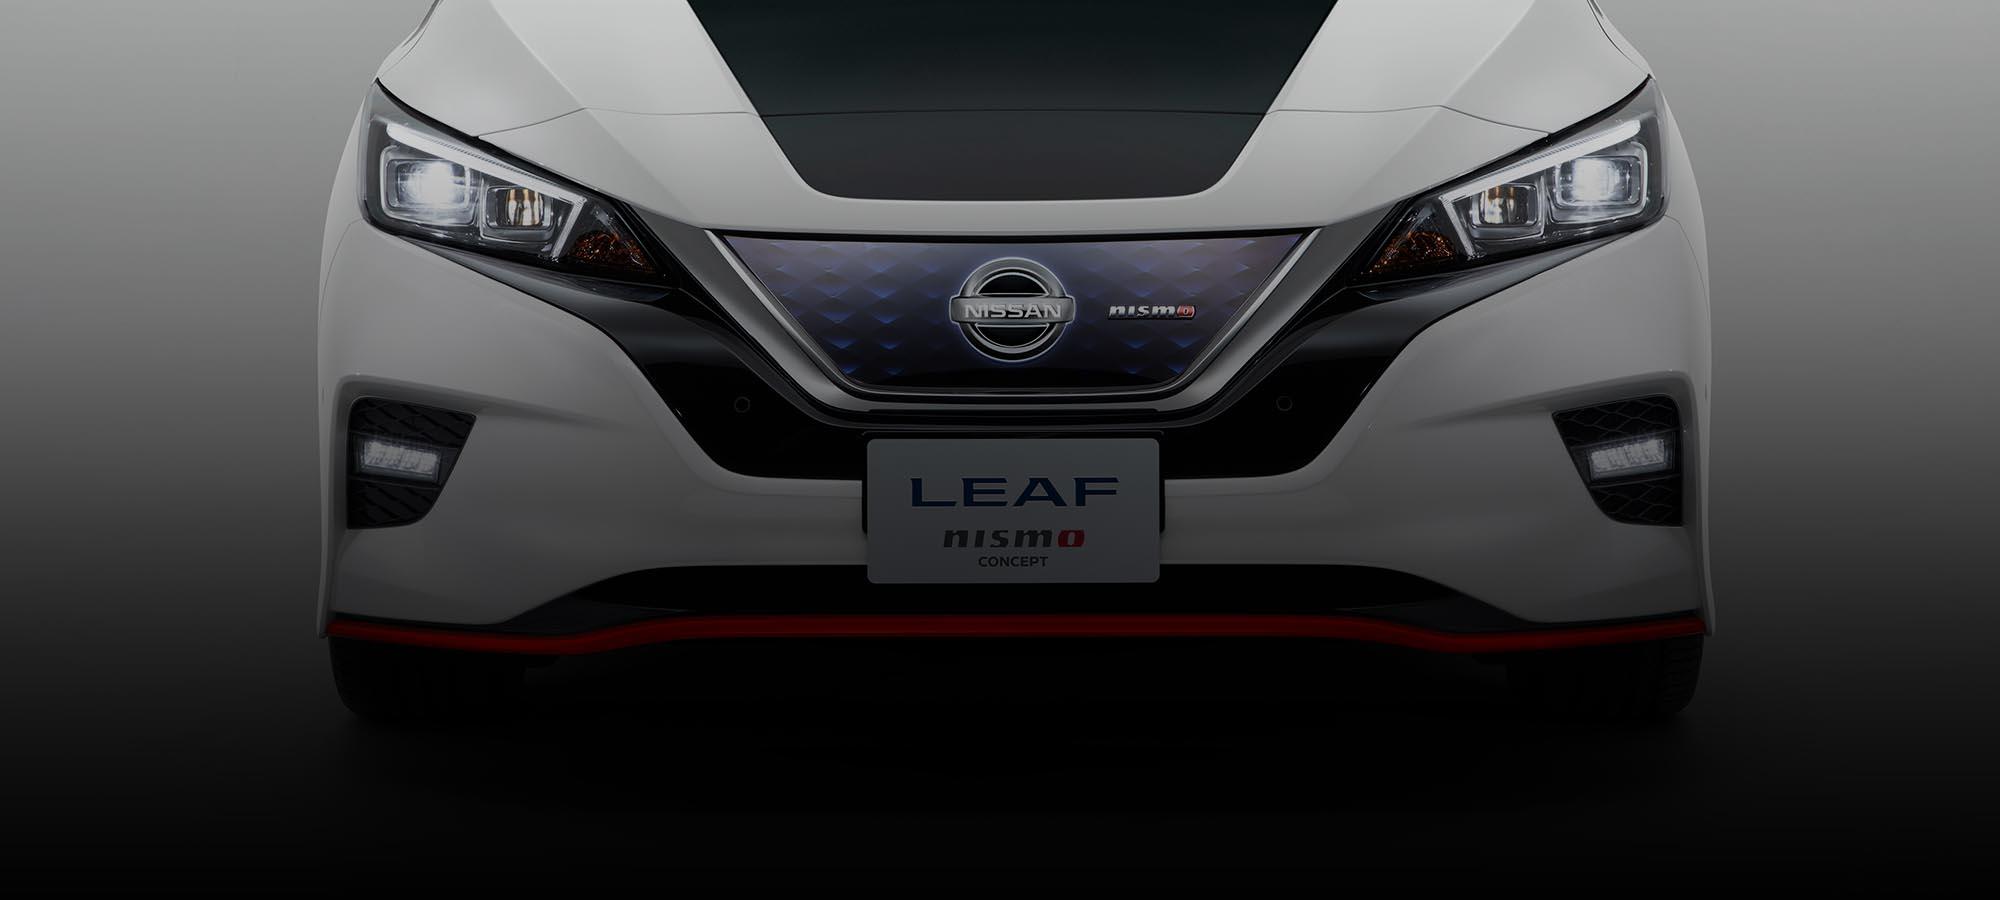 Nem vicc, Nismo változatban is jöhet az új Nissan Leaf